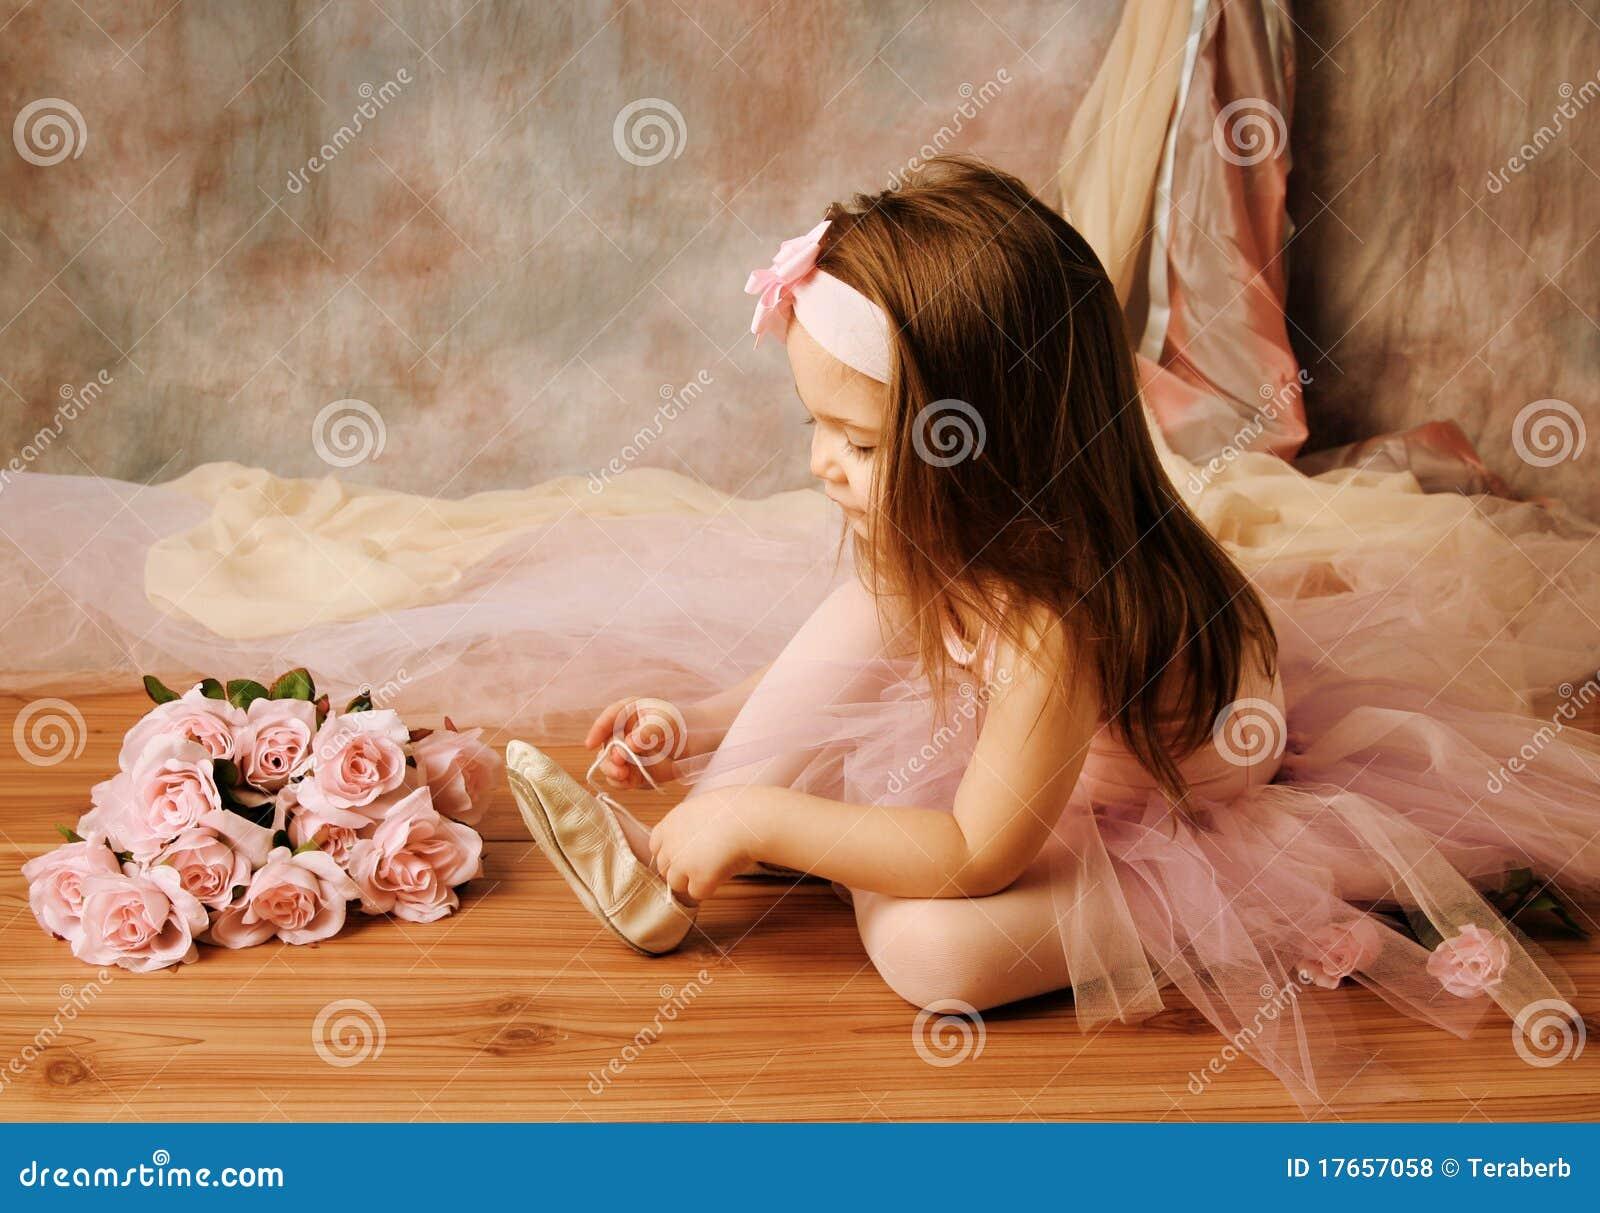 Фото мастурбация маленькой девочки 1 фотография